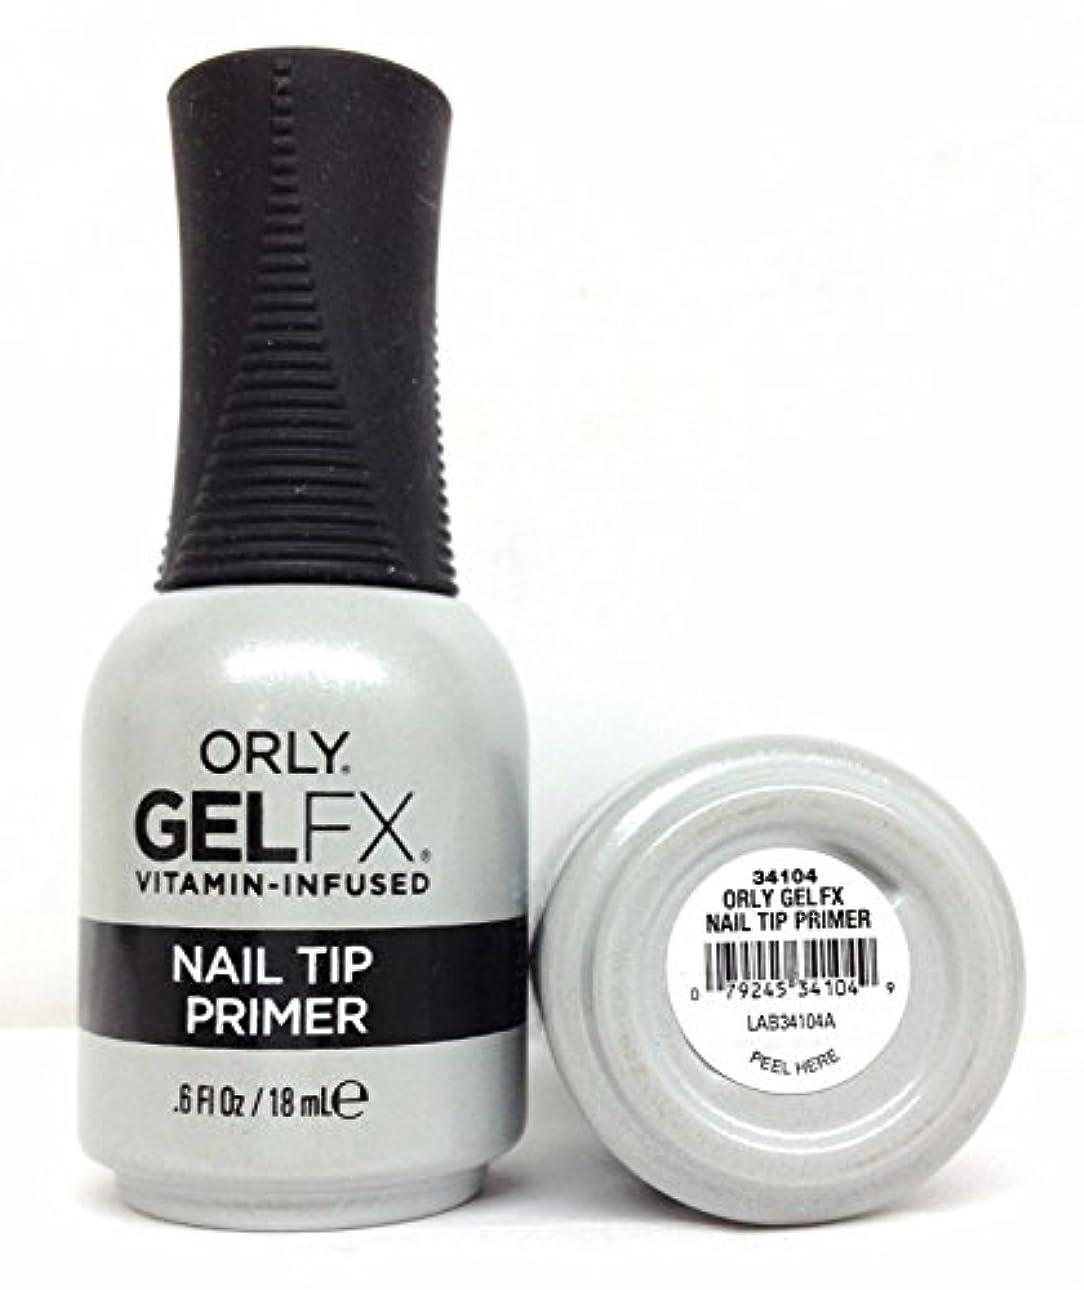 輝く病な部分Orly Gel FX - Nail Tip Primer - 0.6 oz / 18 mL